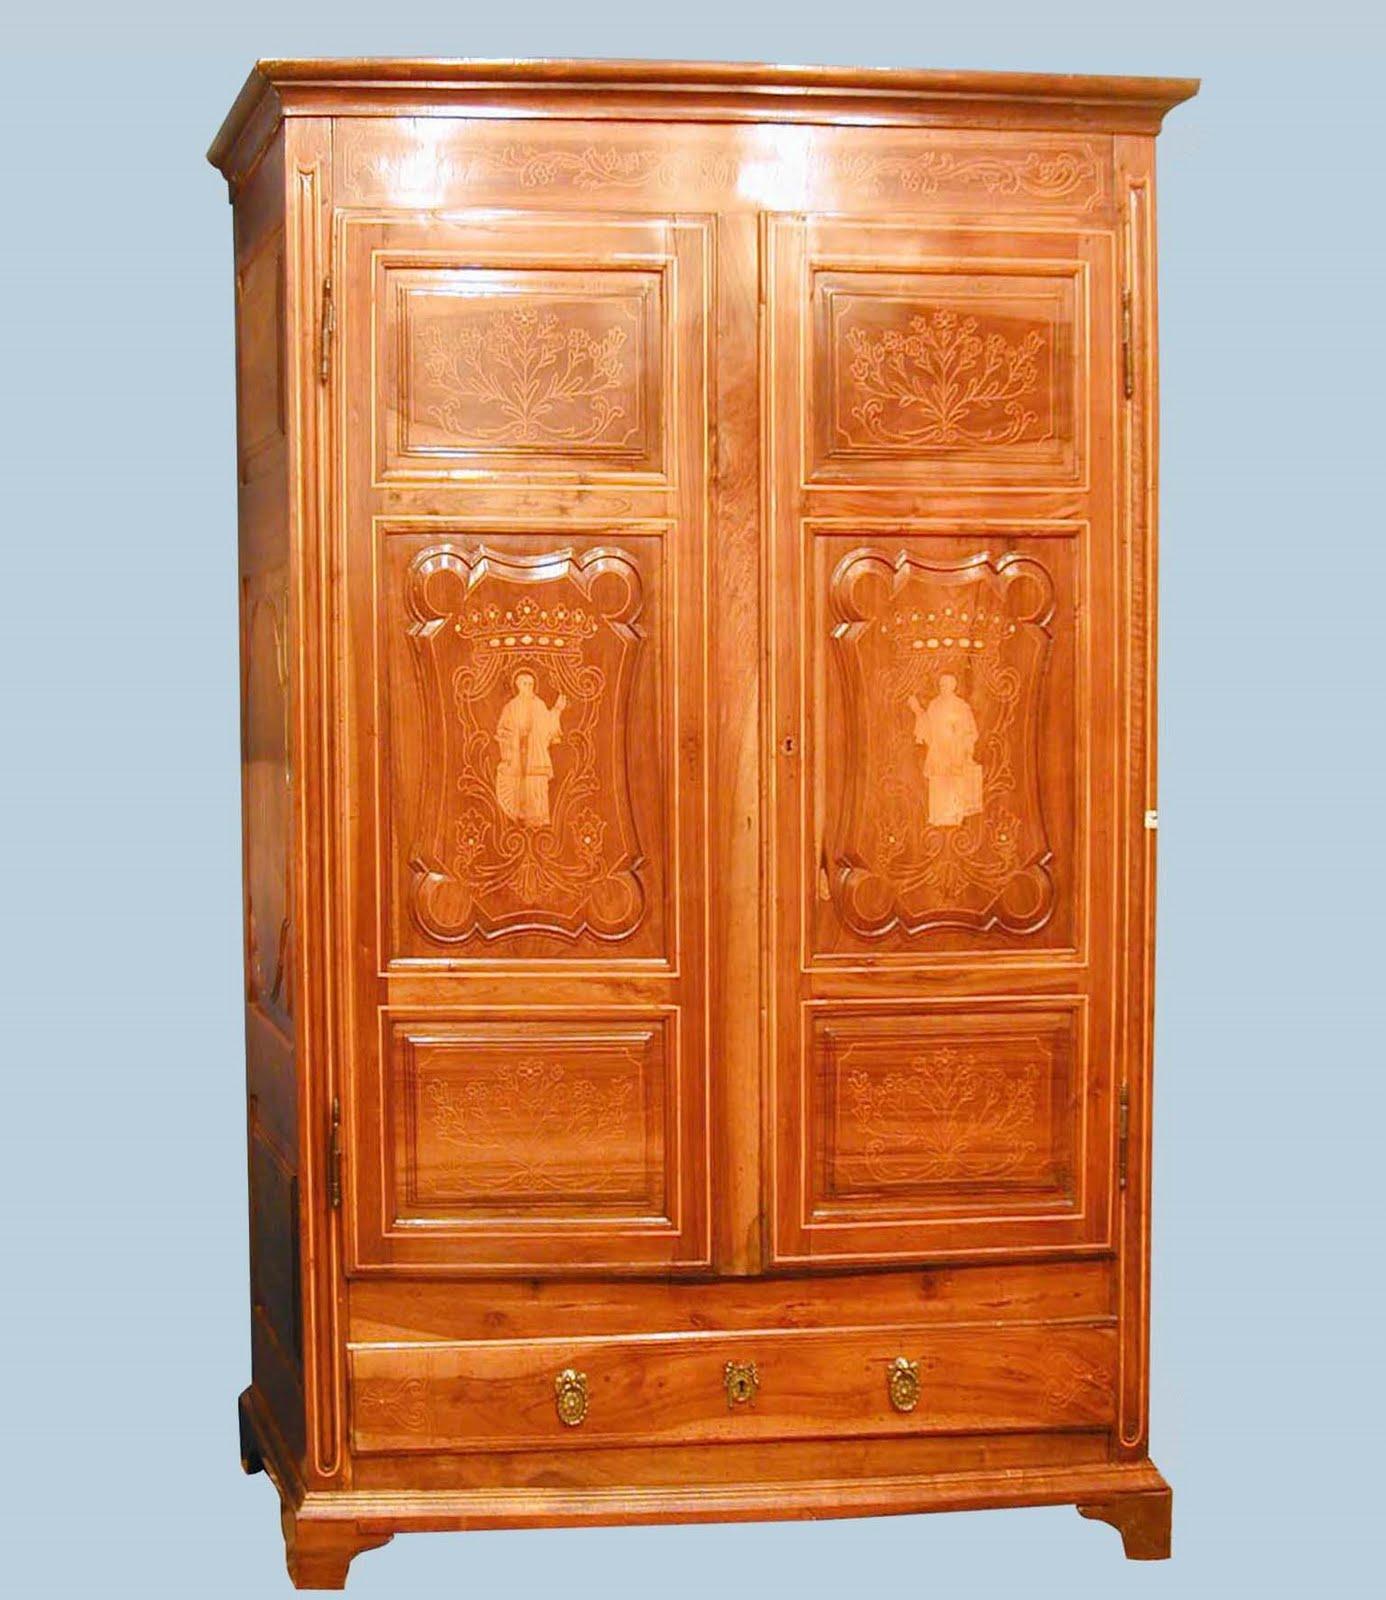 Antiguitats bressol mobles for Muebles catala